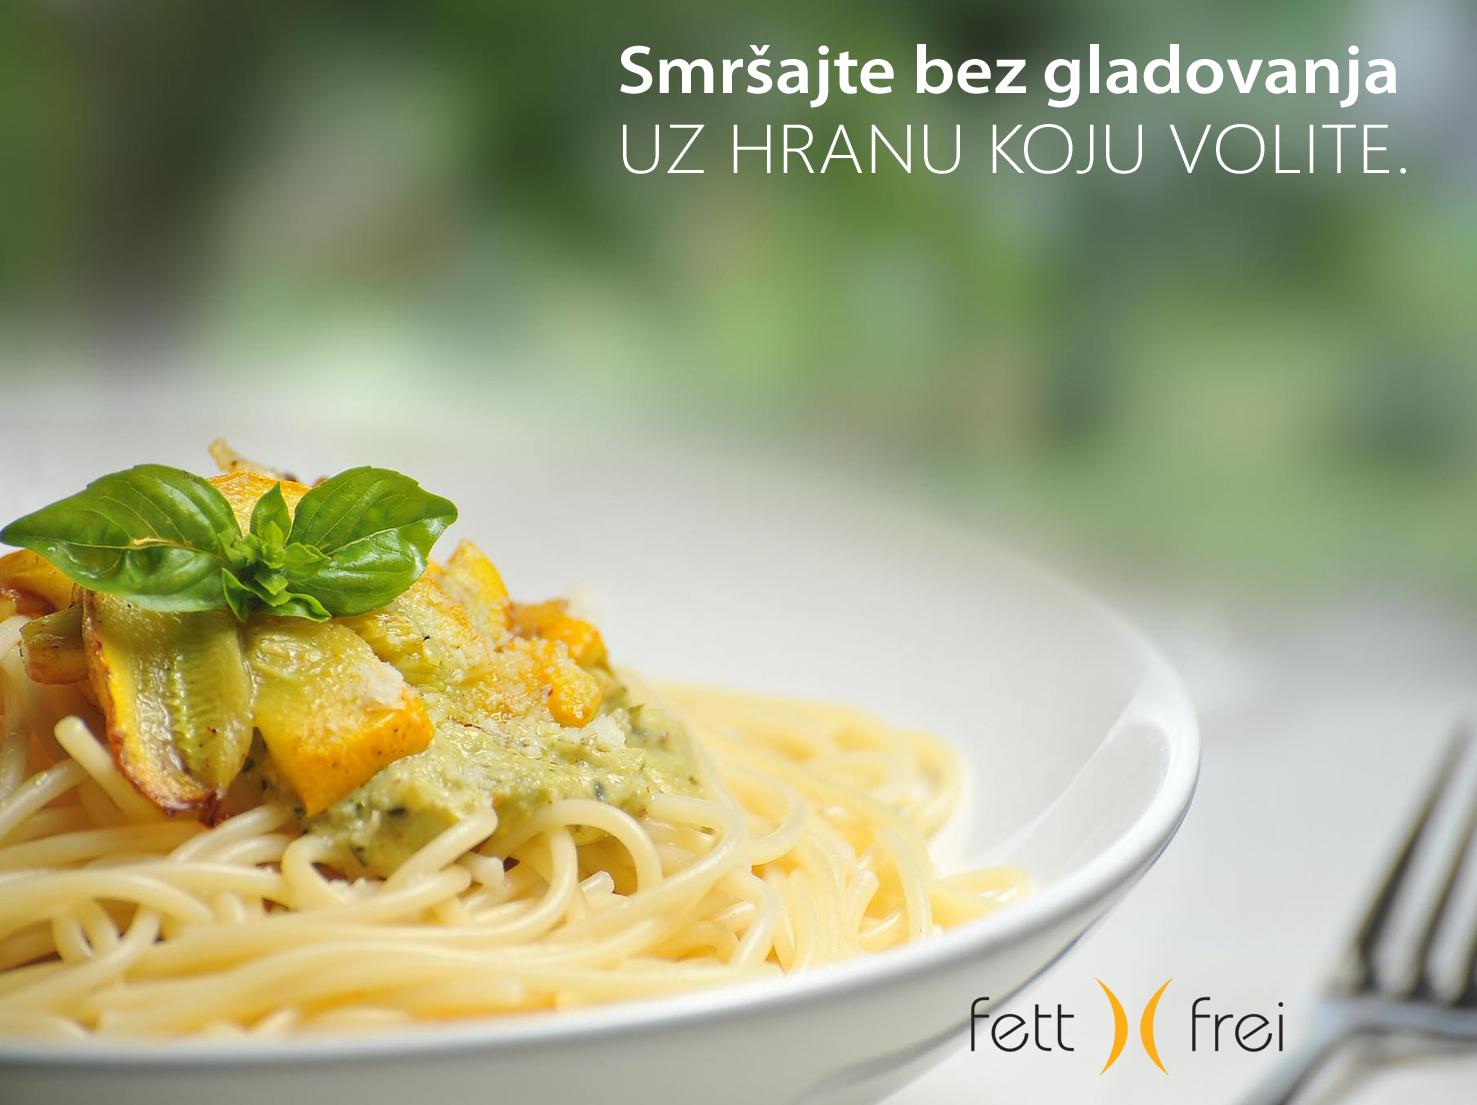 Prednosti programa   Fett Frei